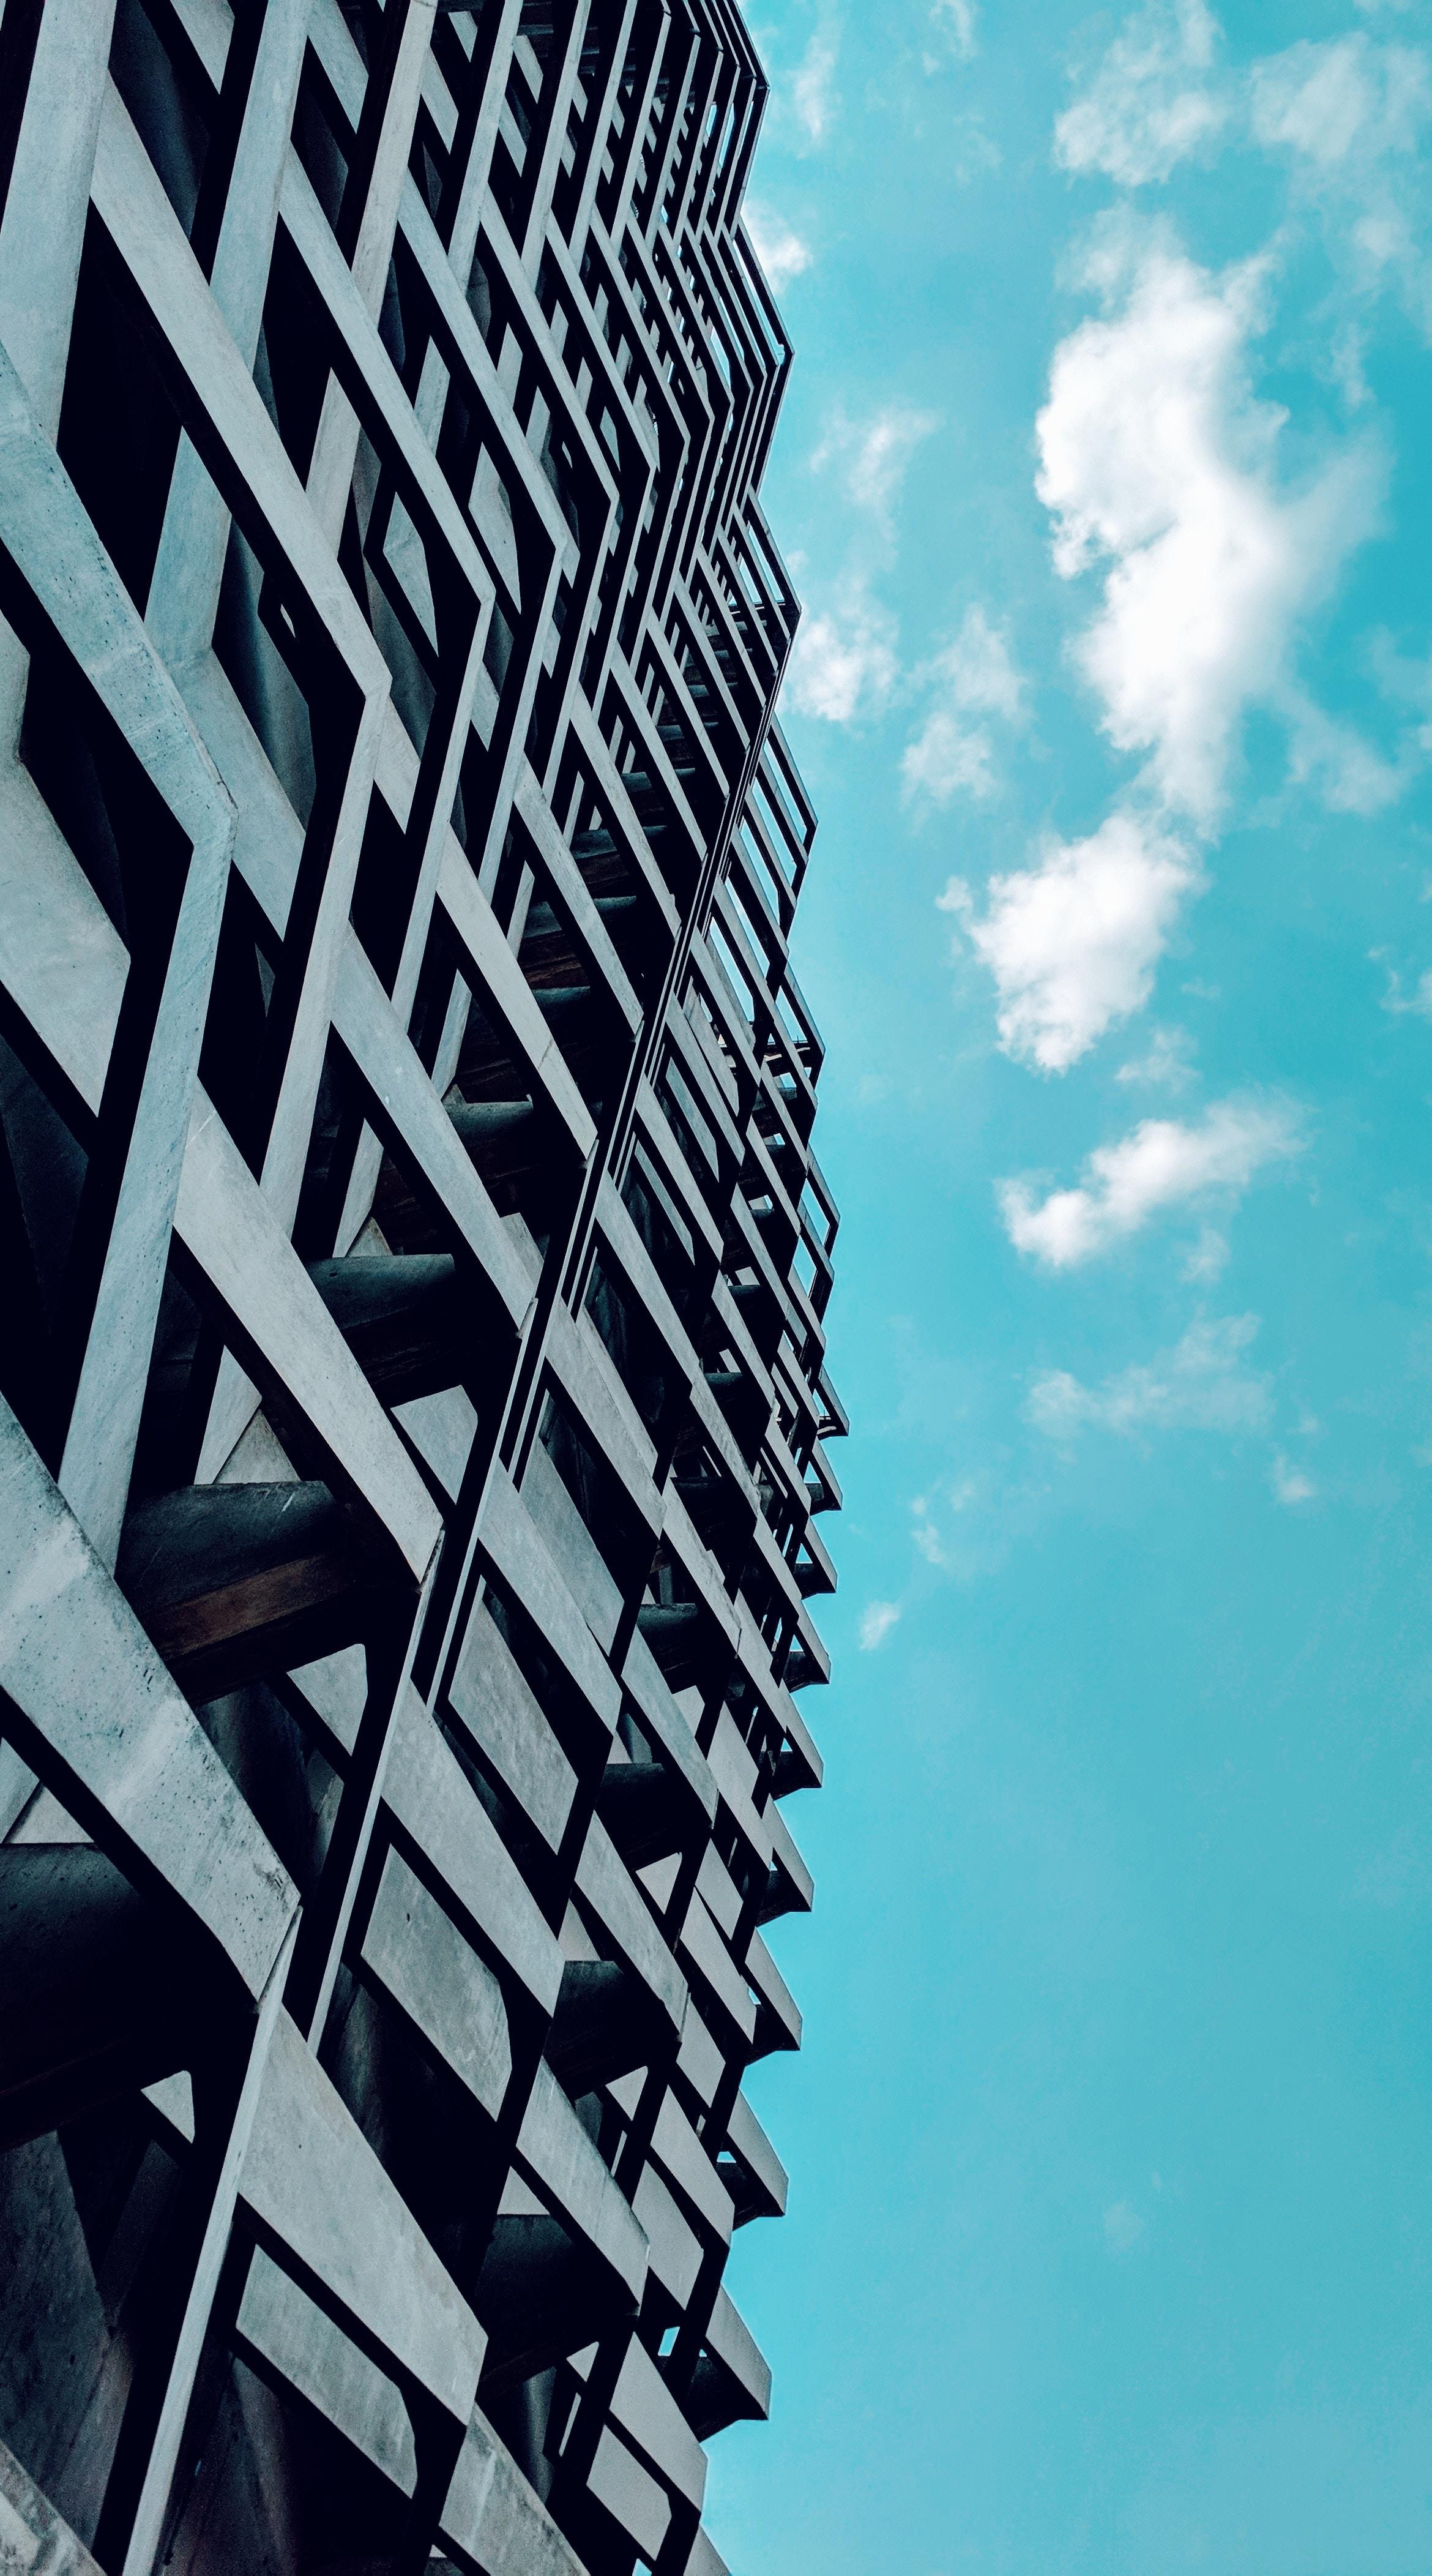 144012 скачать обои Минимализм, Небоскреб, Фасад, Небо, Здание, Городской, Архитектура - заставки и картинки бесплатно